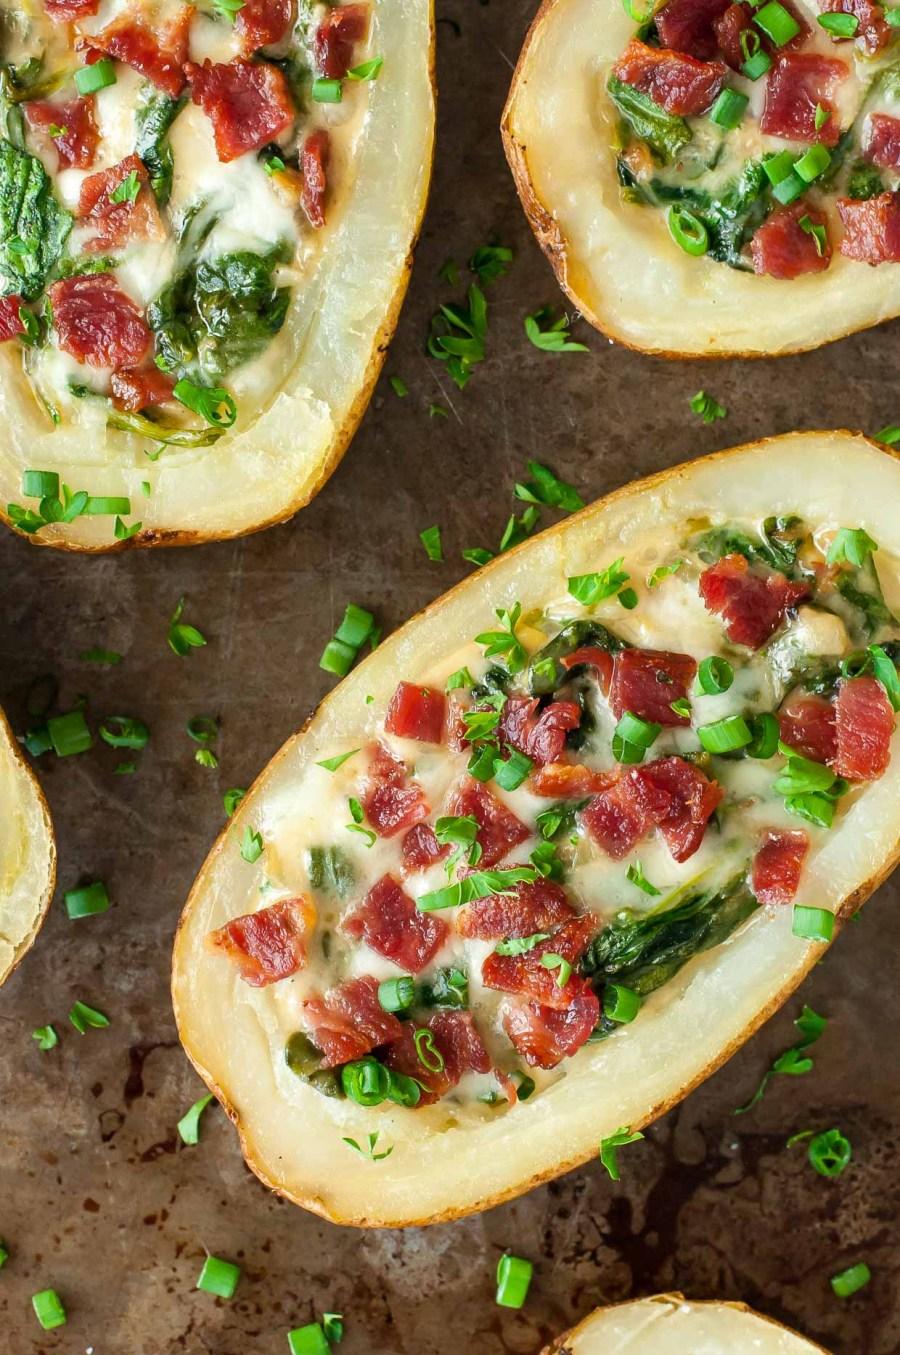 Spinach Artichoke Potato Skins